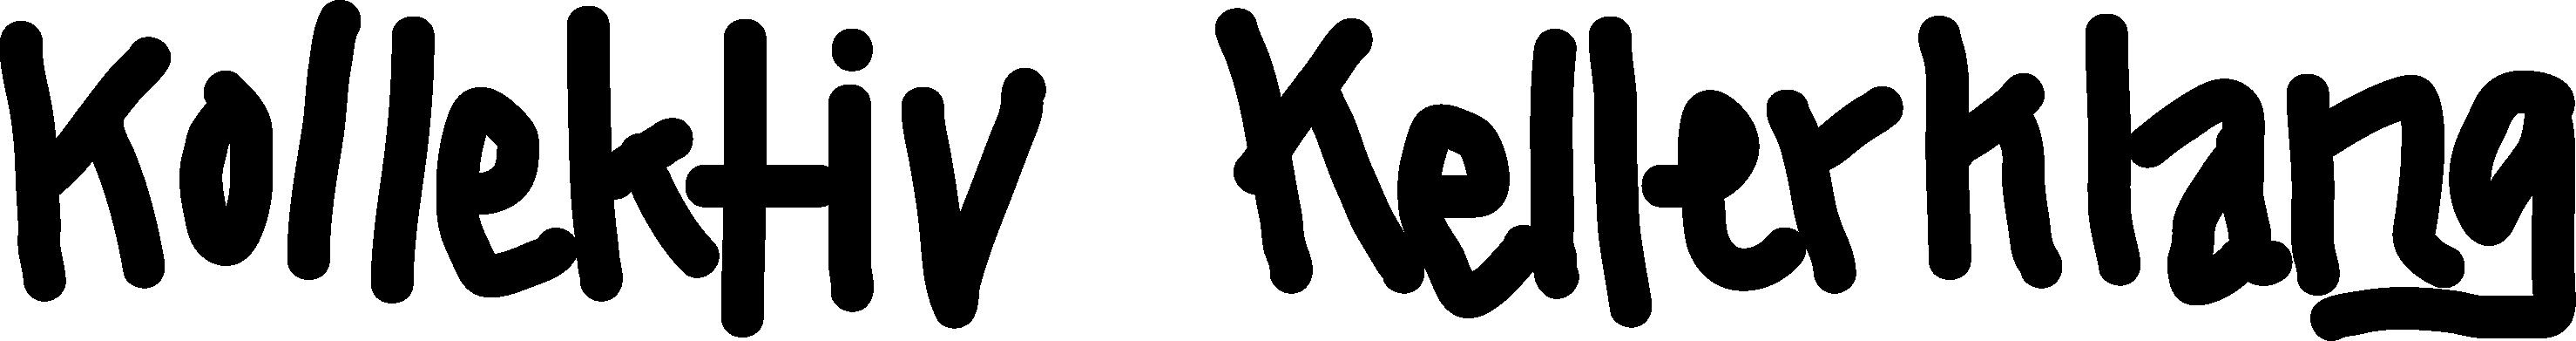 Kollektiv Kellerklang